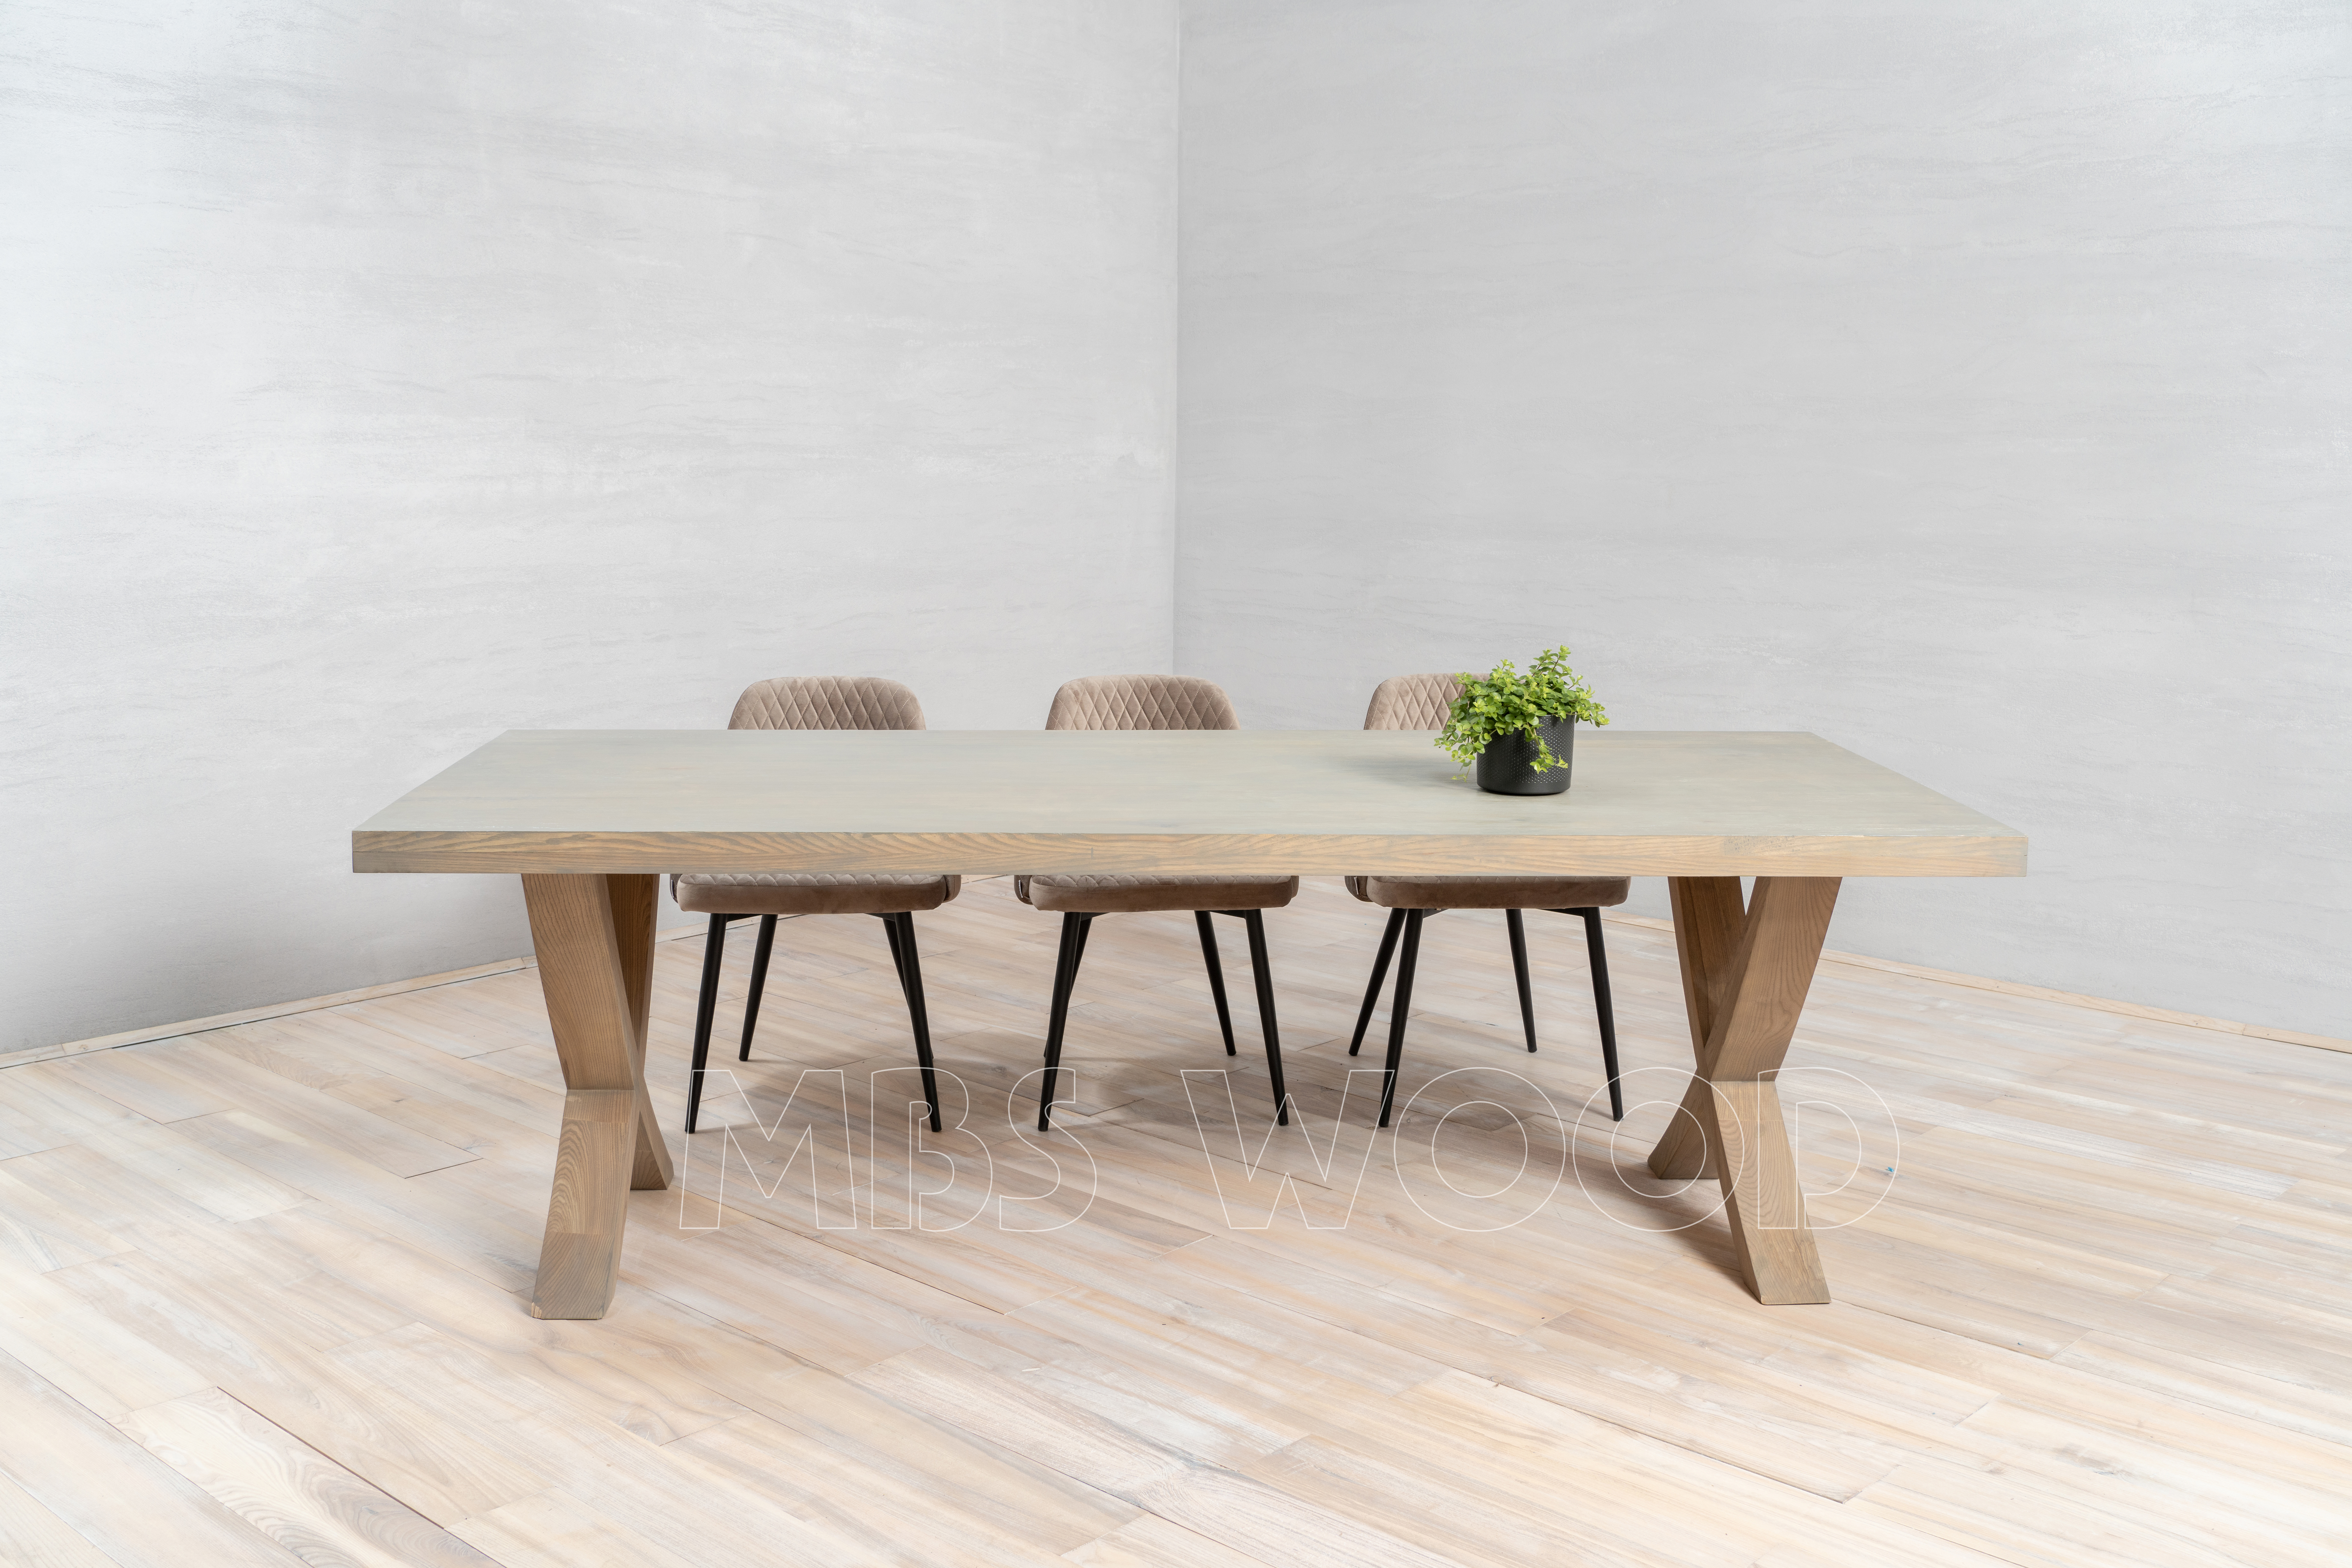 Eiken tafel met houten poten natuurlijke olie mbswood.com